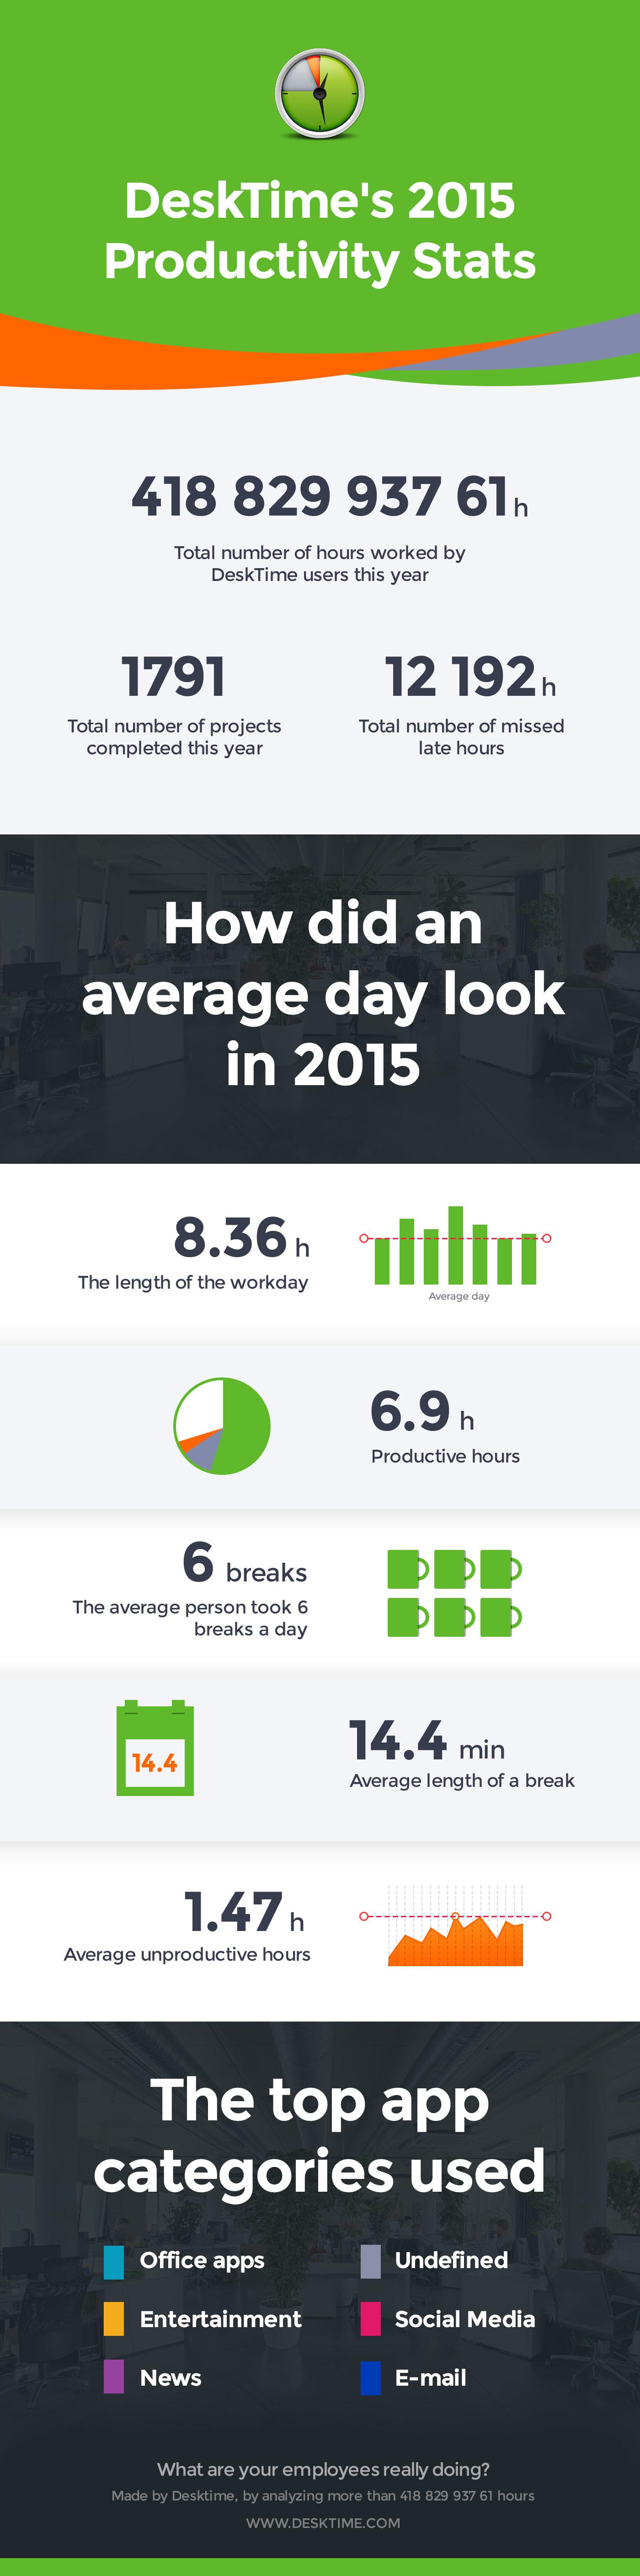 desktime-info-2015-1